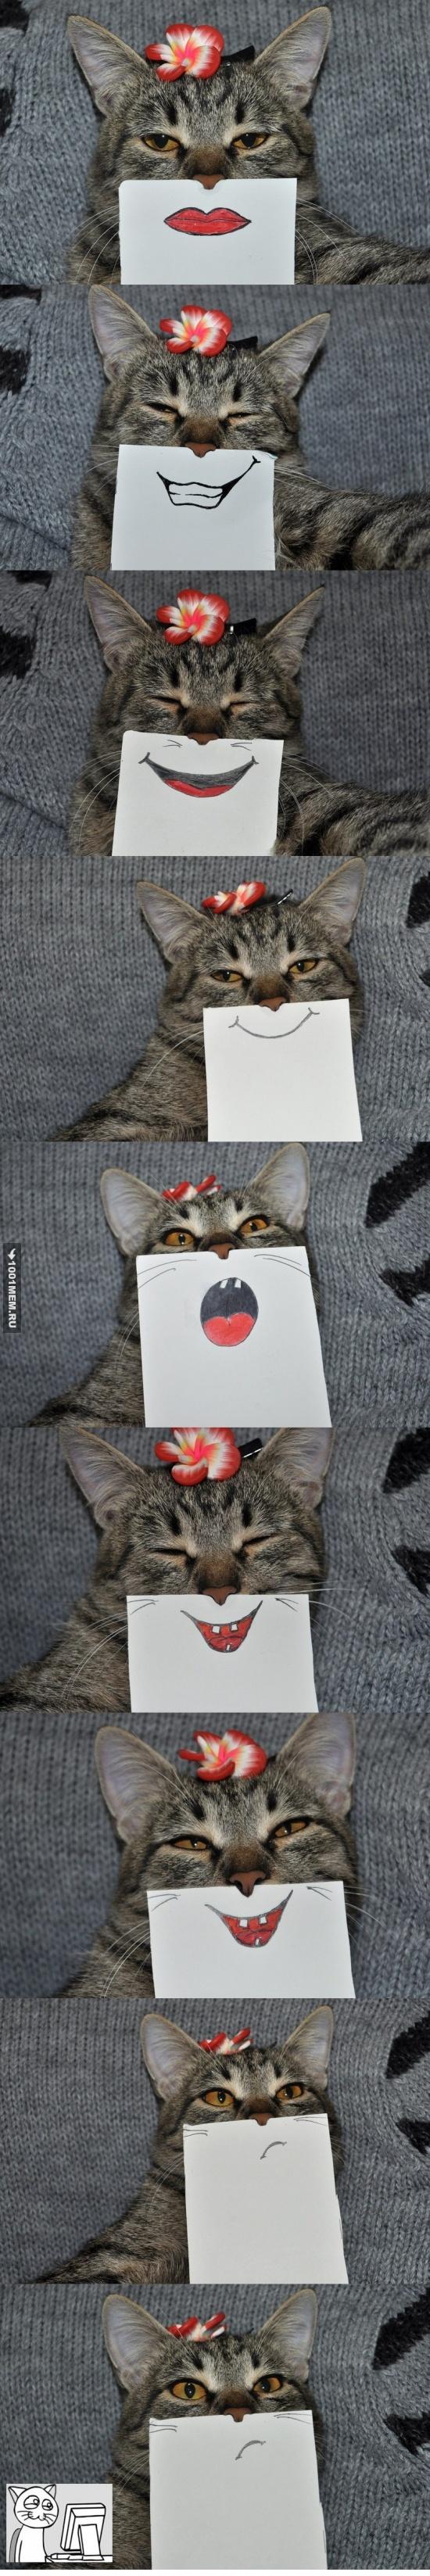 Когда очень скучно, но есть кот